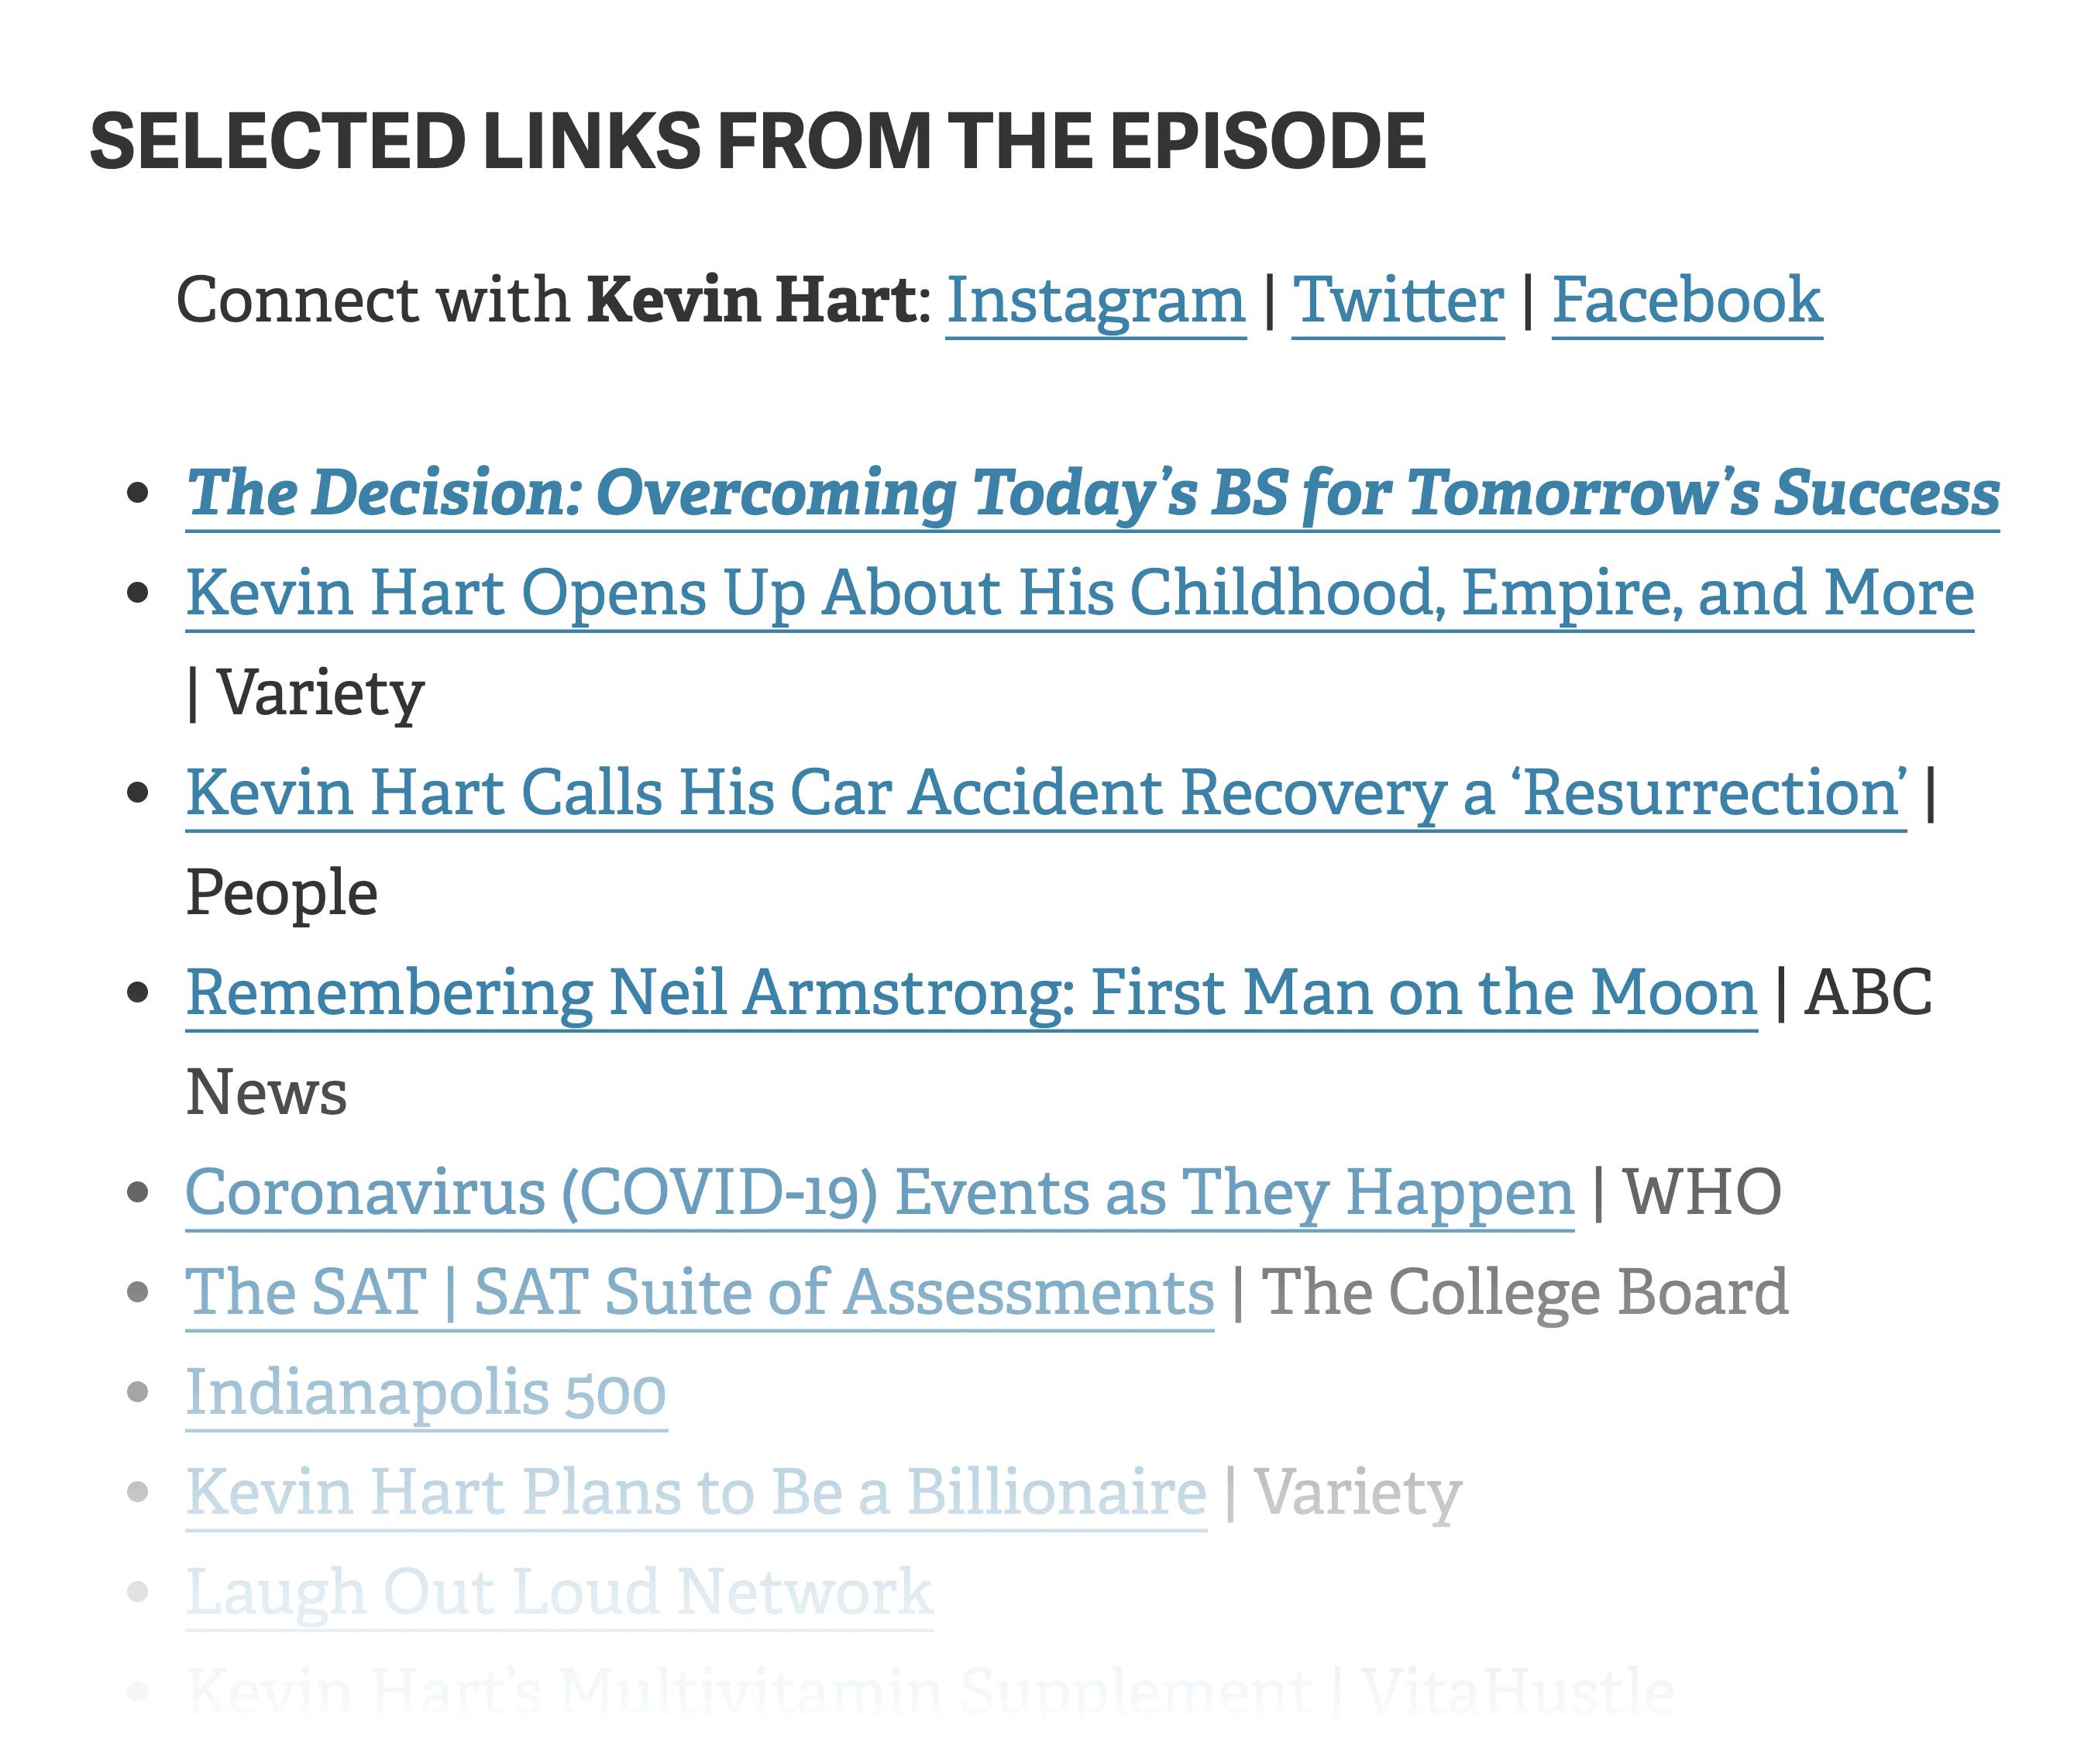 Podcast Episode Link List